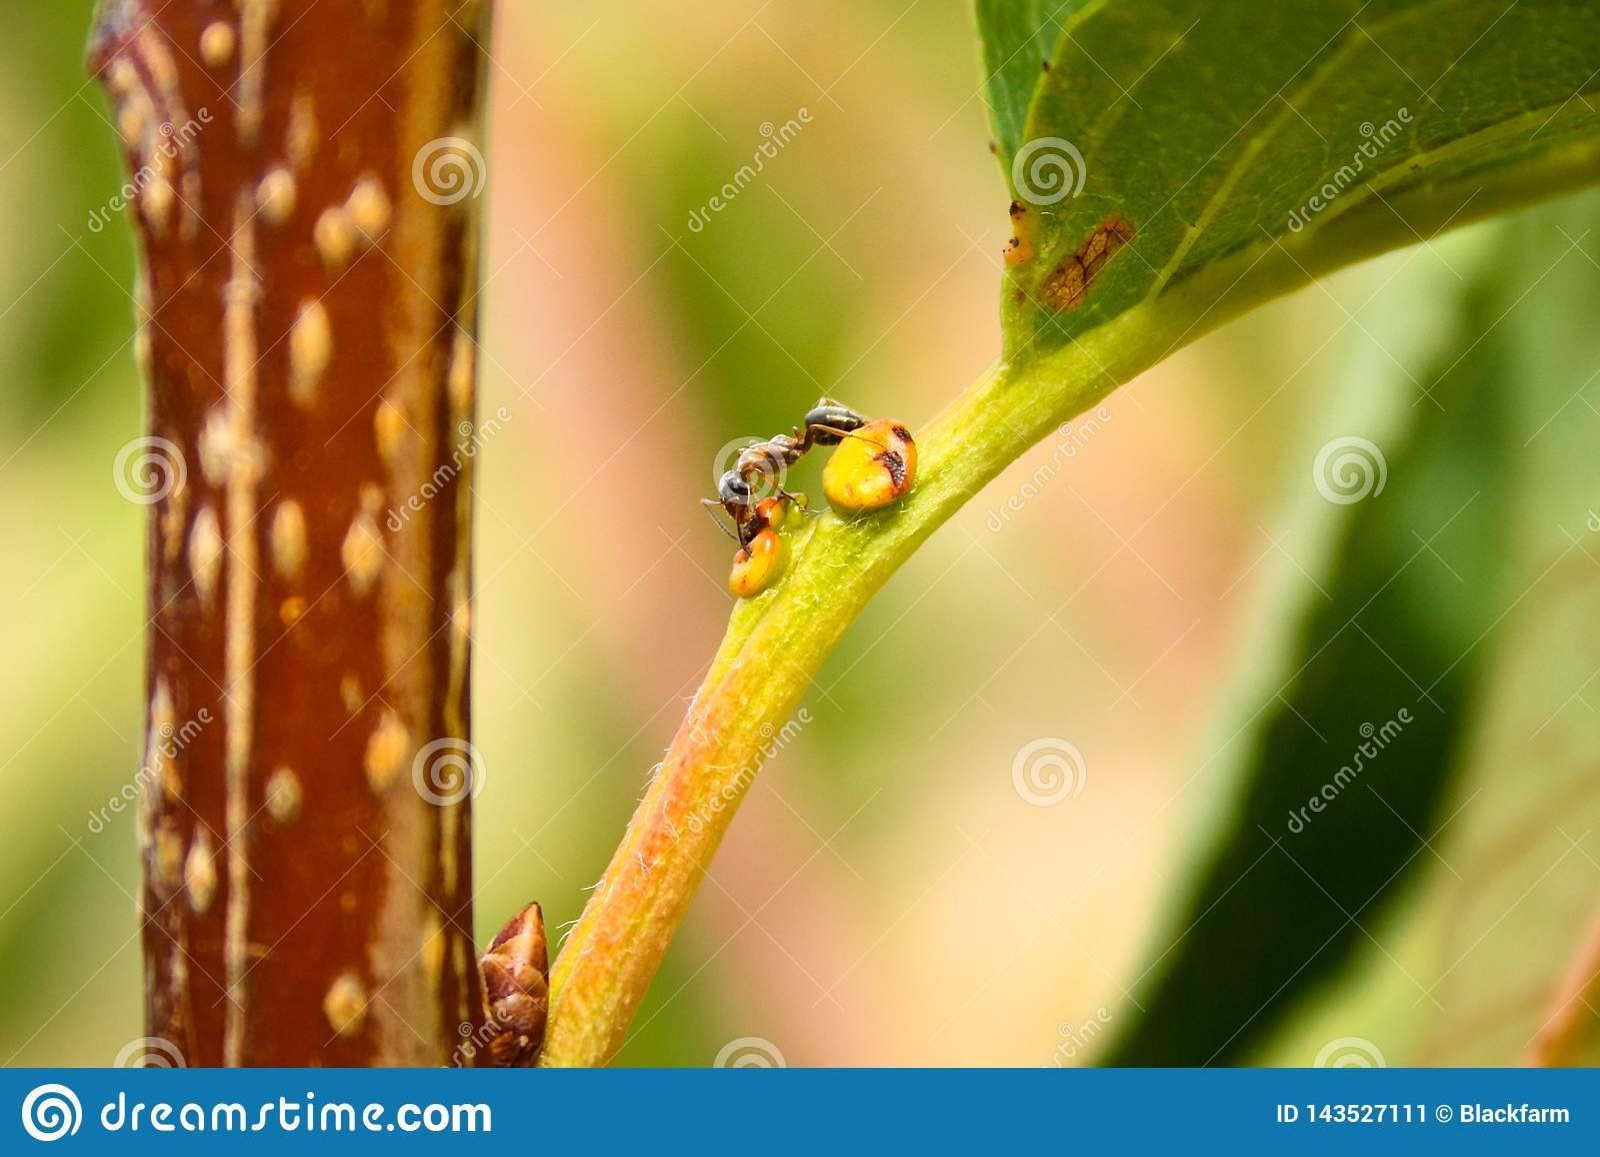 Eine Ameise sucht nach Nahrung für einen Baum